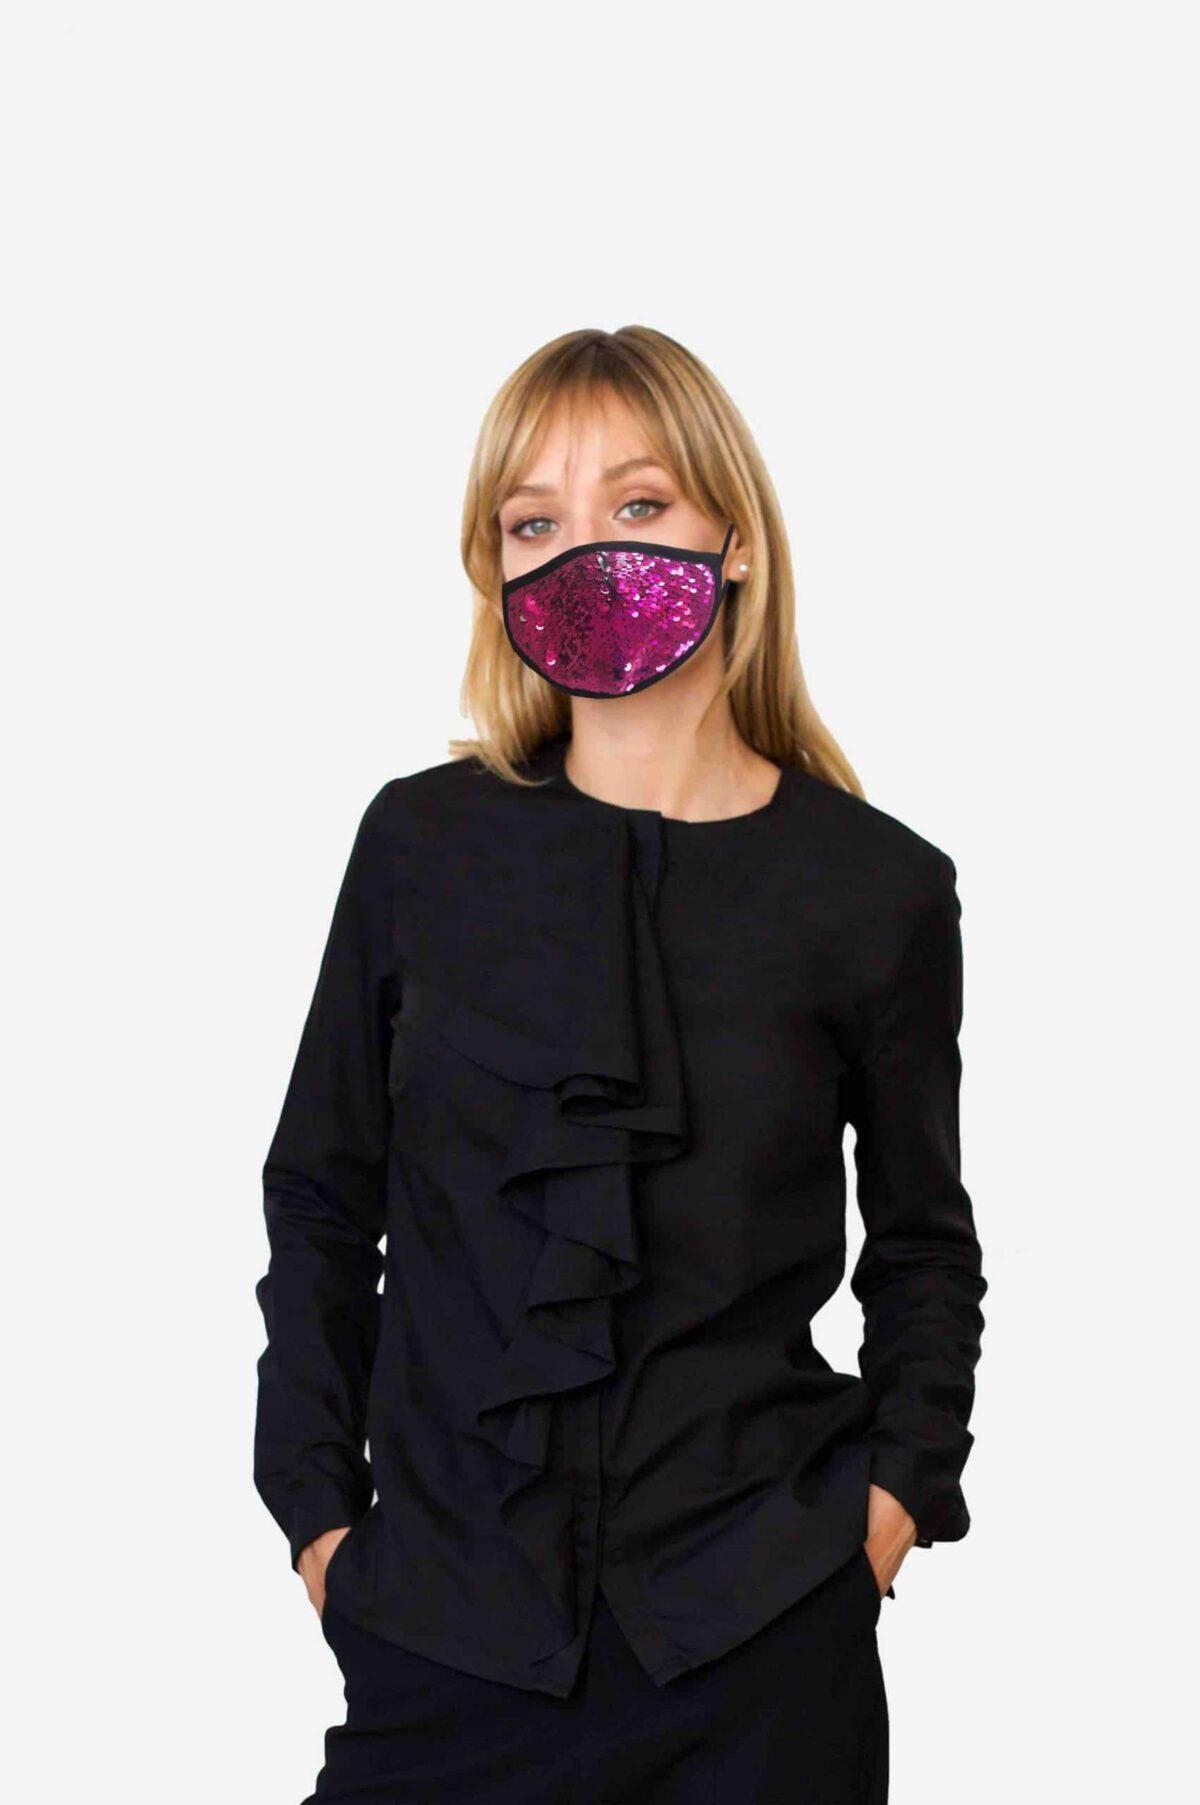 Stylische Mund-Nase-Maske Gesichtsmaske von SANOGE mit pinken und silber Glitzer Pailletten. Edel, elegant. Hergestellt in Deutschland.